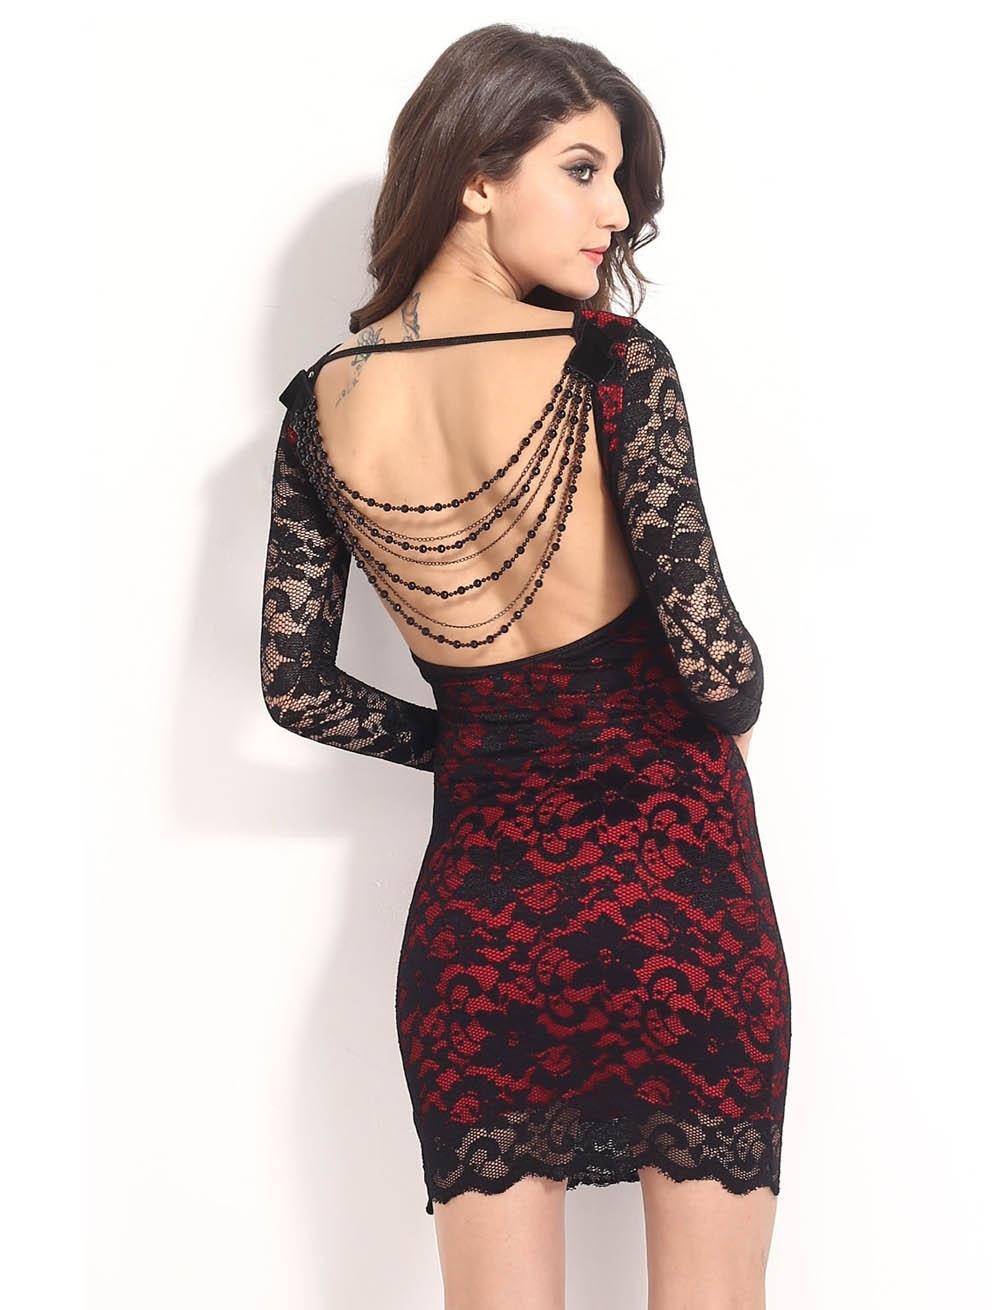 Abend Schön Rot Schwarzes Kleid Boutique20 Perfekt Rot Schwarzes Kleid Ärmel